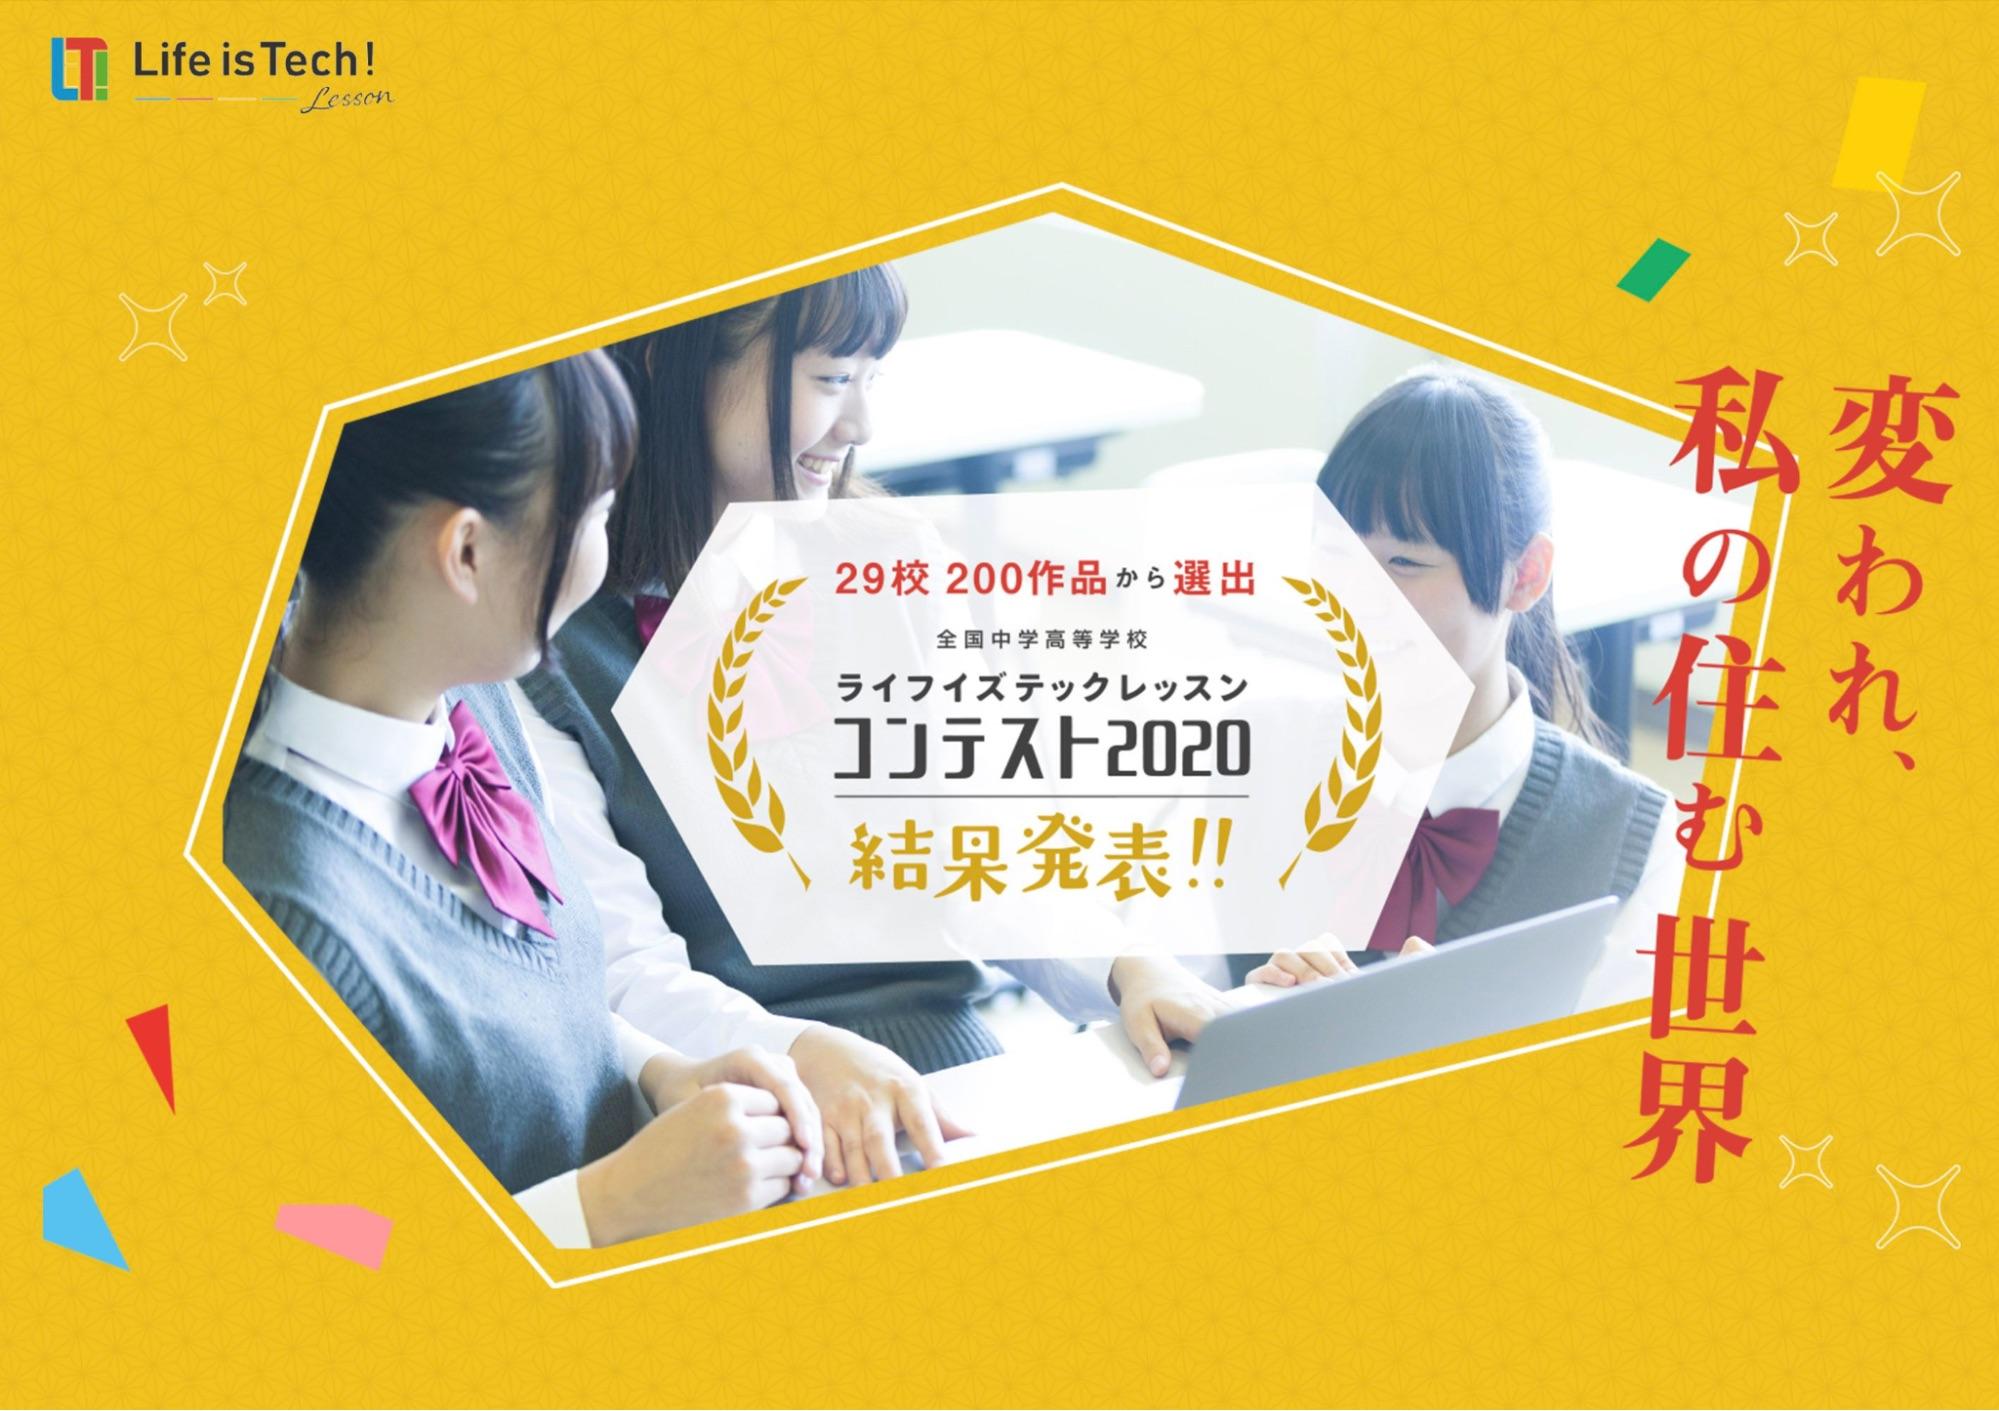 問題解決の力を付ける!学校向けプログラミングコンテスト「ライフイズテック レッスンコンテスト2020」受賞作品発表